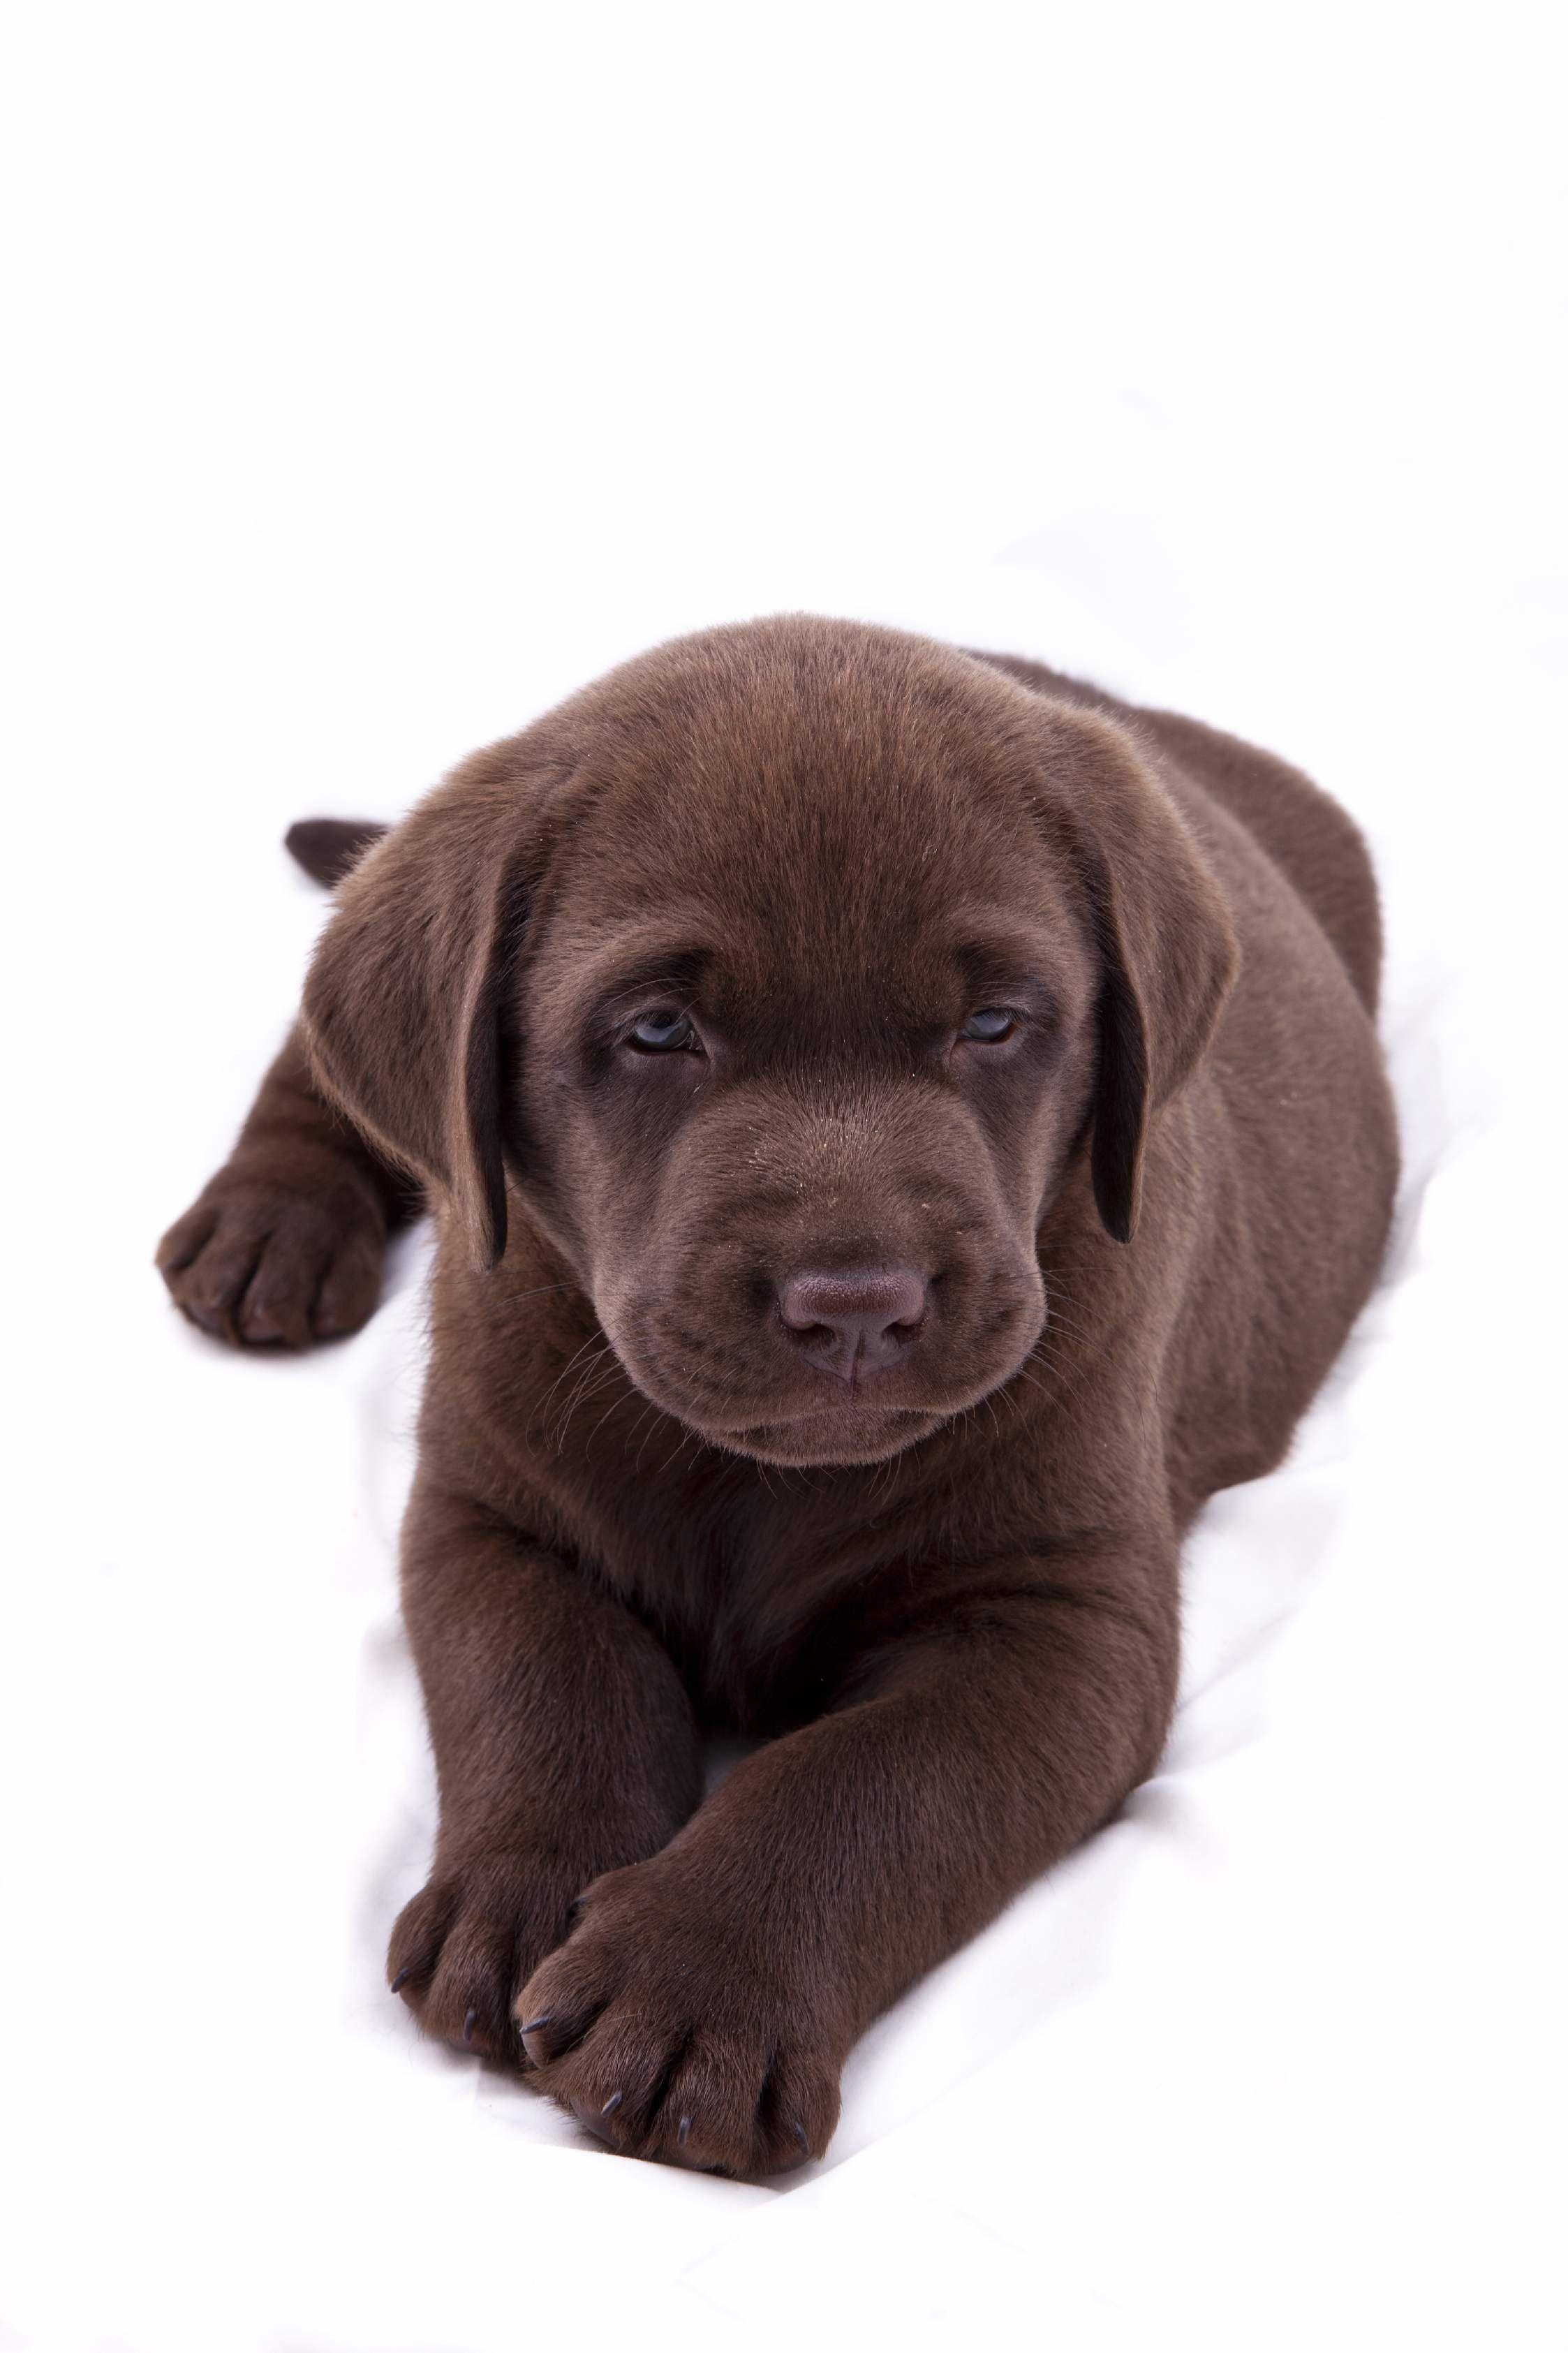 Chocolate Labrador Perro Labrador Cachorros Adorables Perros